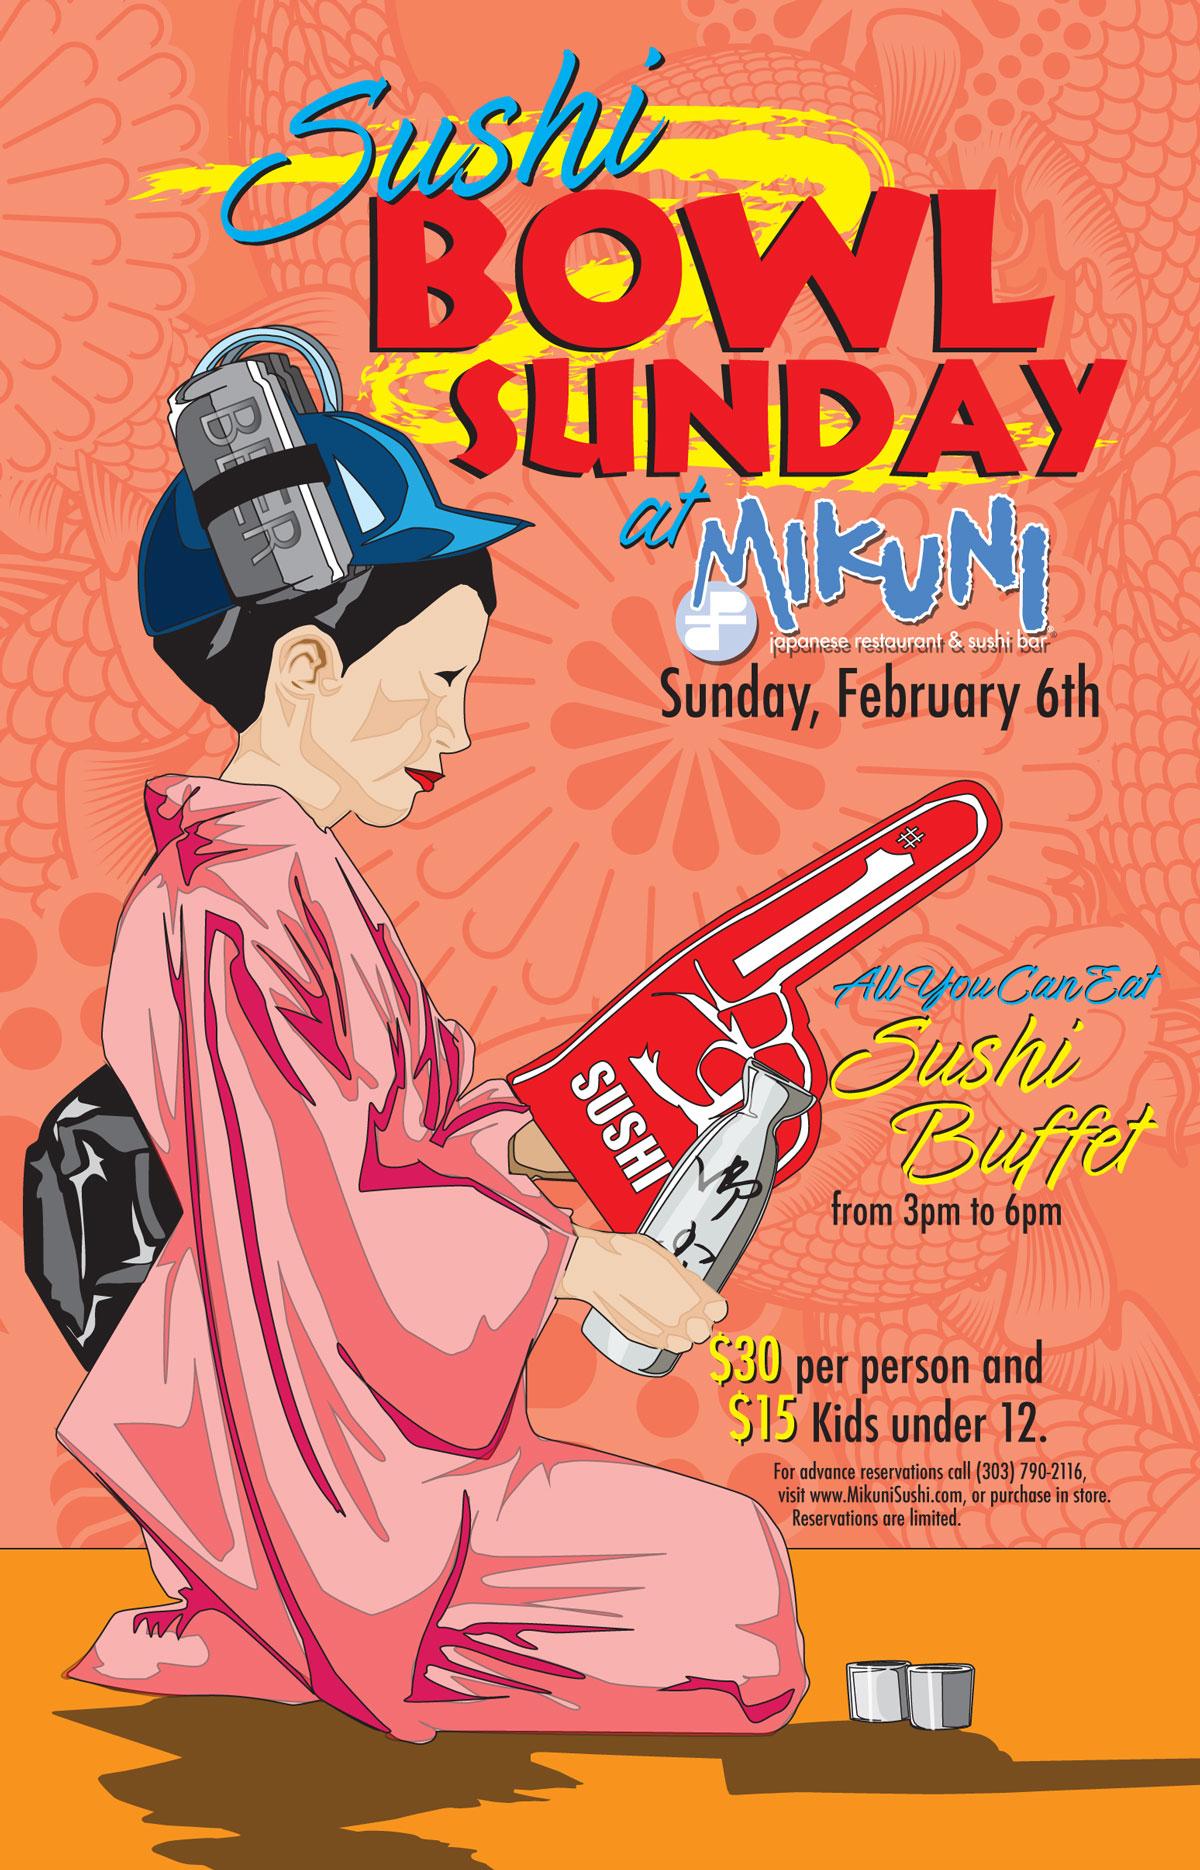 Sushi-Bowl-Sunday.jpg